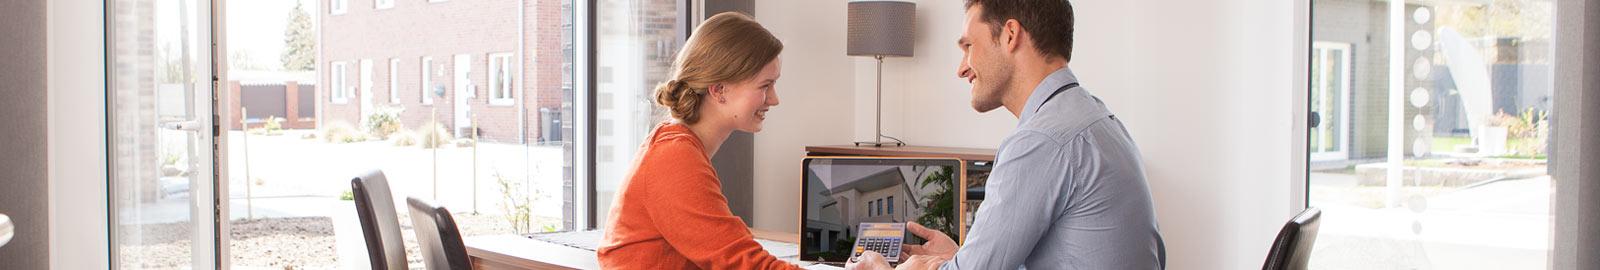 haus kaufen volksbanken raiffeisenbanken. Black Bedroom Furniture Sets. Home Design Ideas